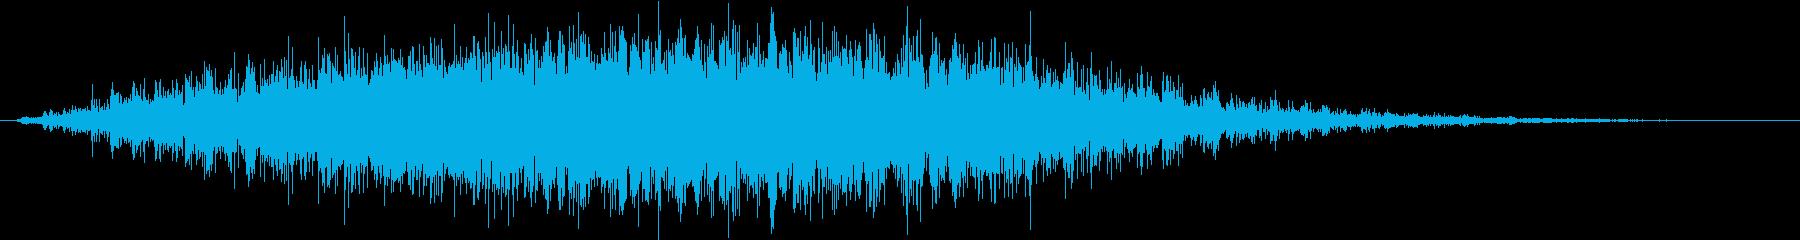 パンニング電子アークの再生済みの波形